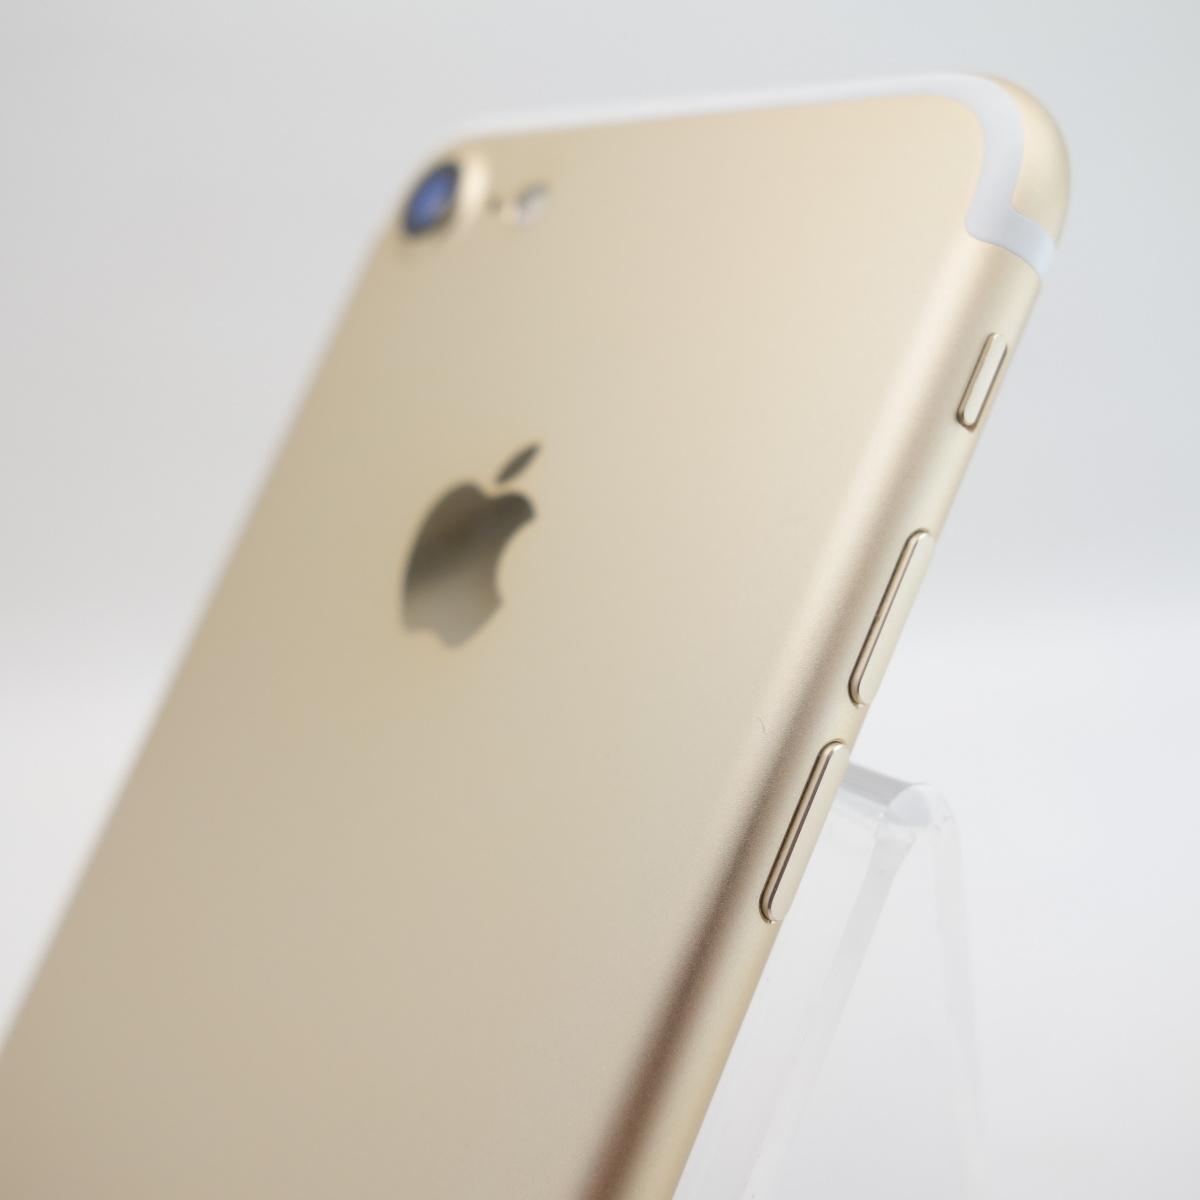 Apple iPhone 7 128GB ゴールド SIMフリーの商品画像 3